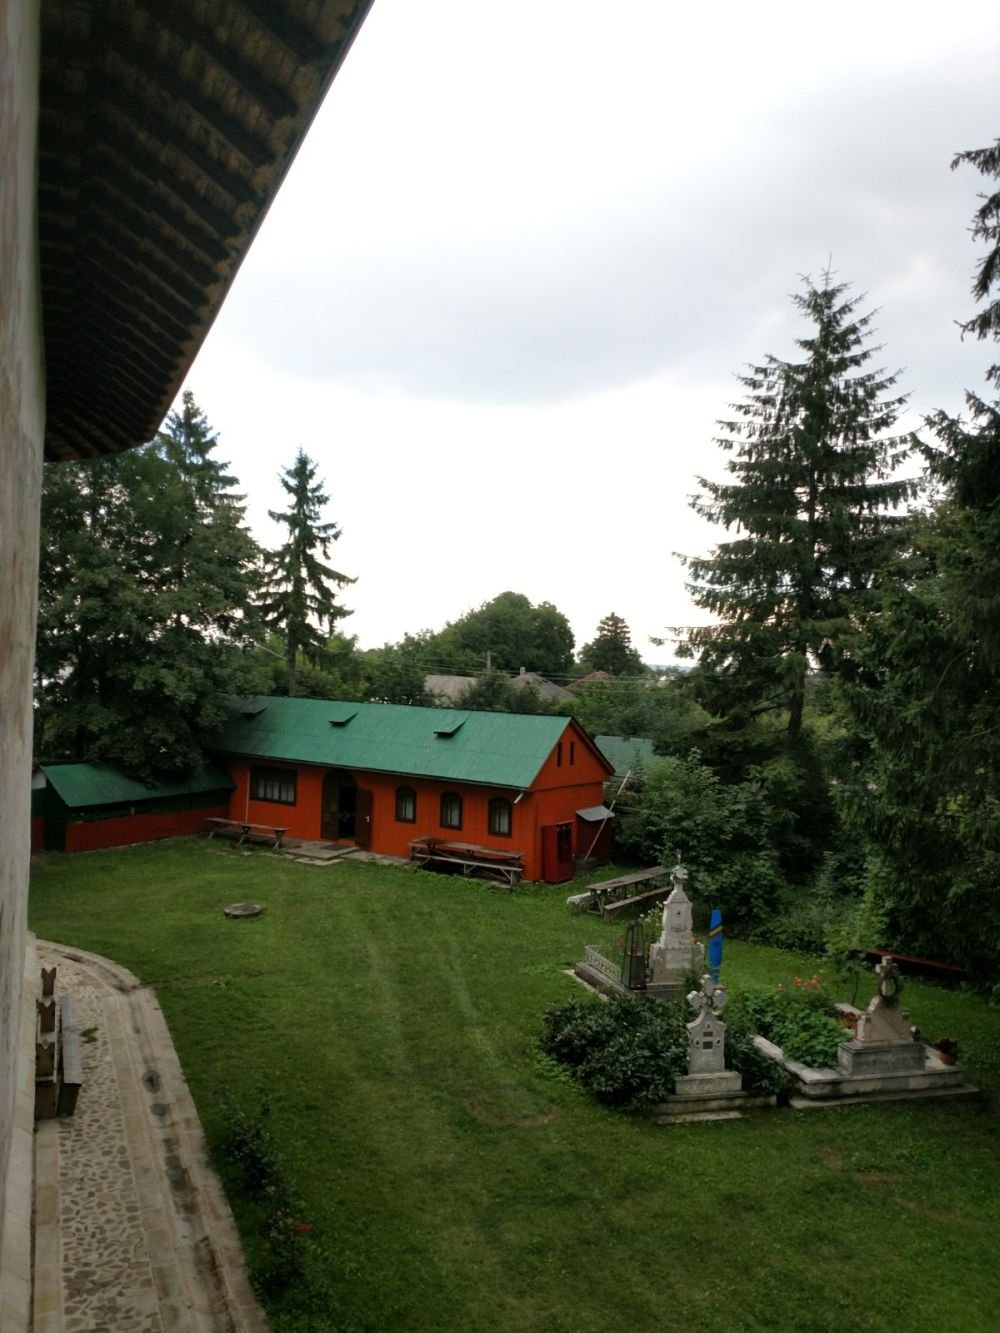 adelaparvu.com despre detalii arhitecturale de pe Valea Somuzului, Romania, Text arh Bogdan Balaban, Foto Bogdan Balaban (4)